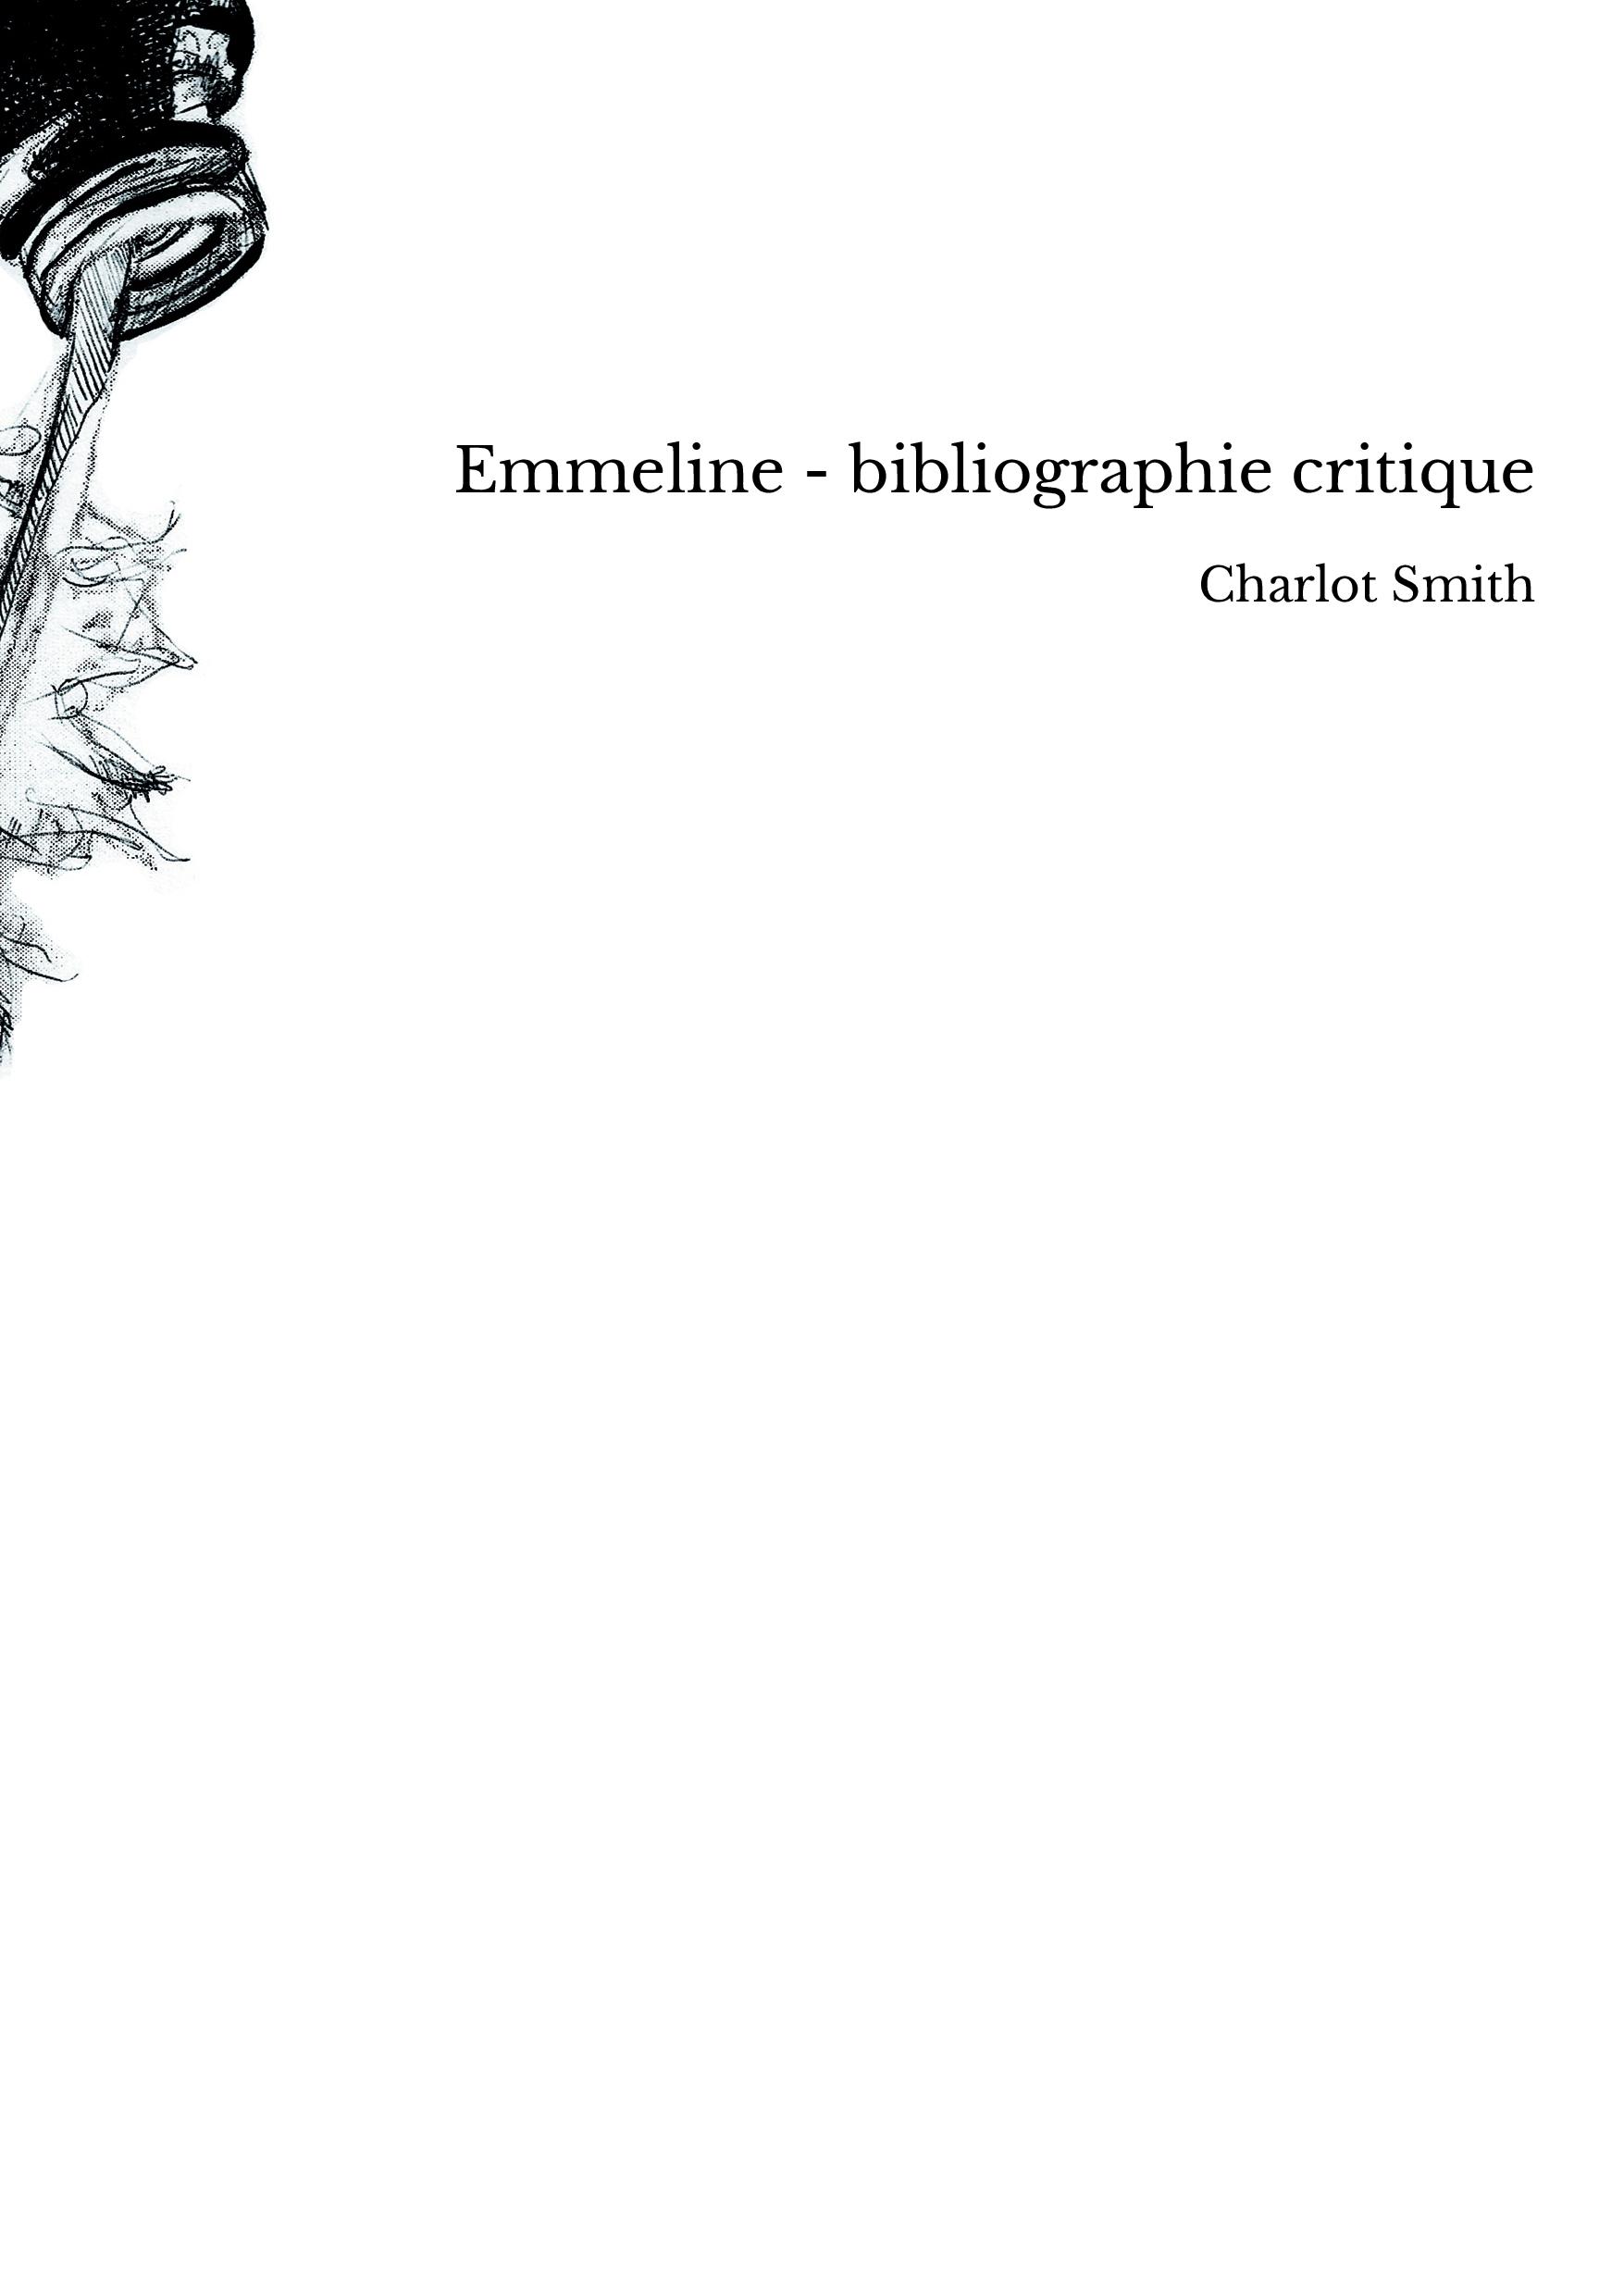 Emmeline - bibliographie critique